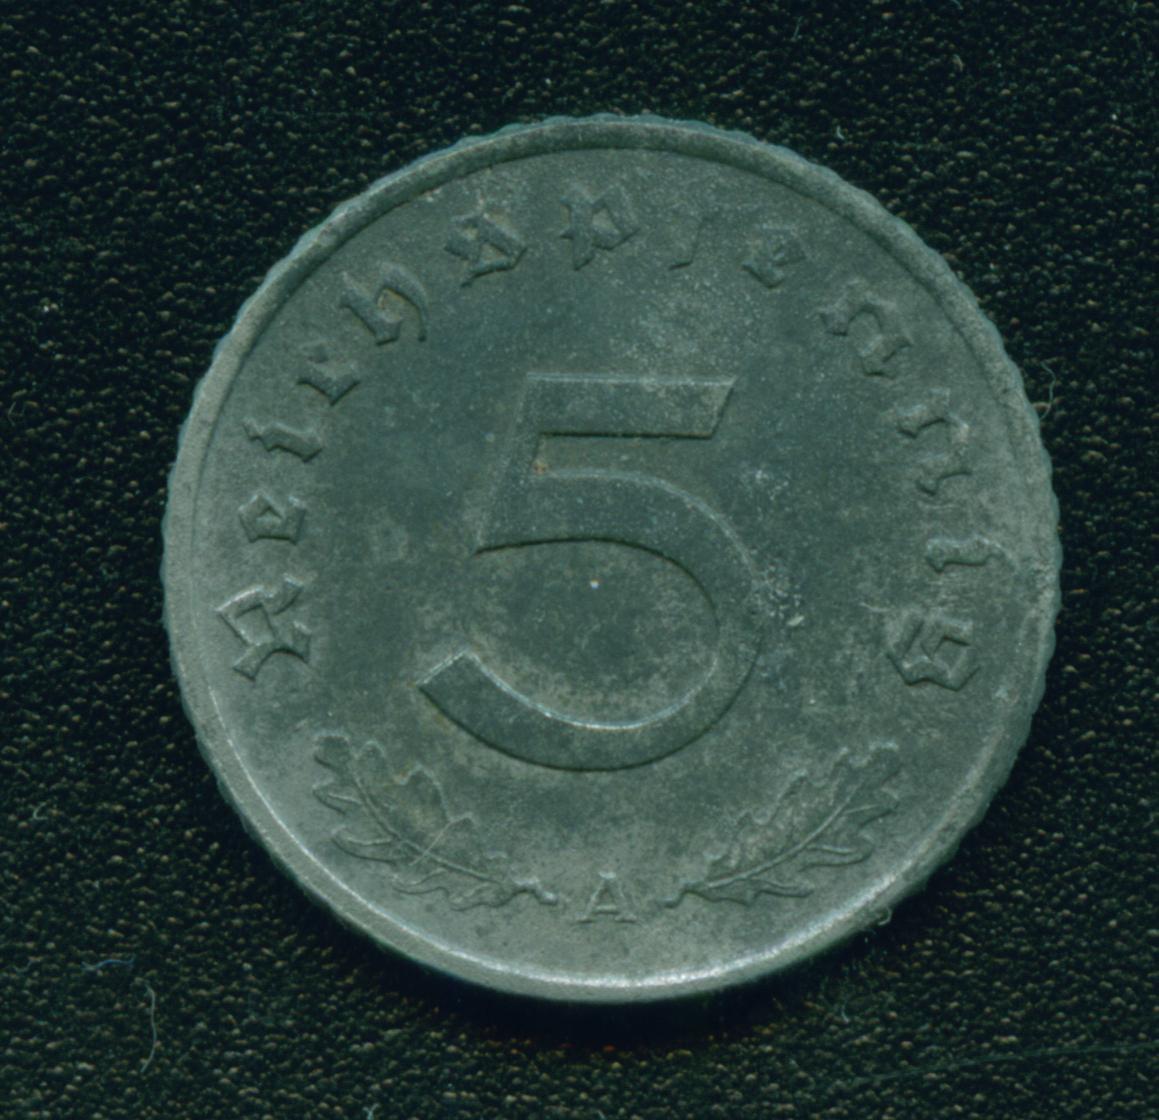 Немецкая монета 1940 года цена со свастикой юбилейные американские центы